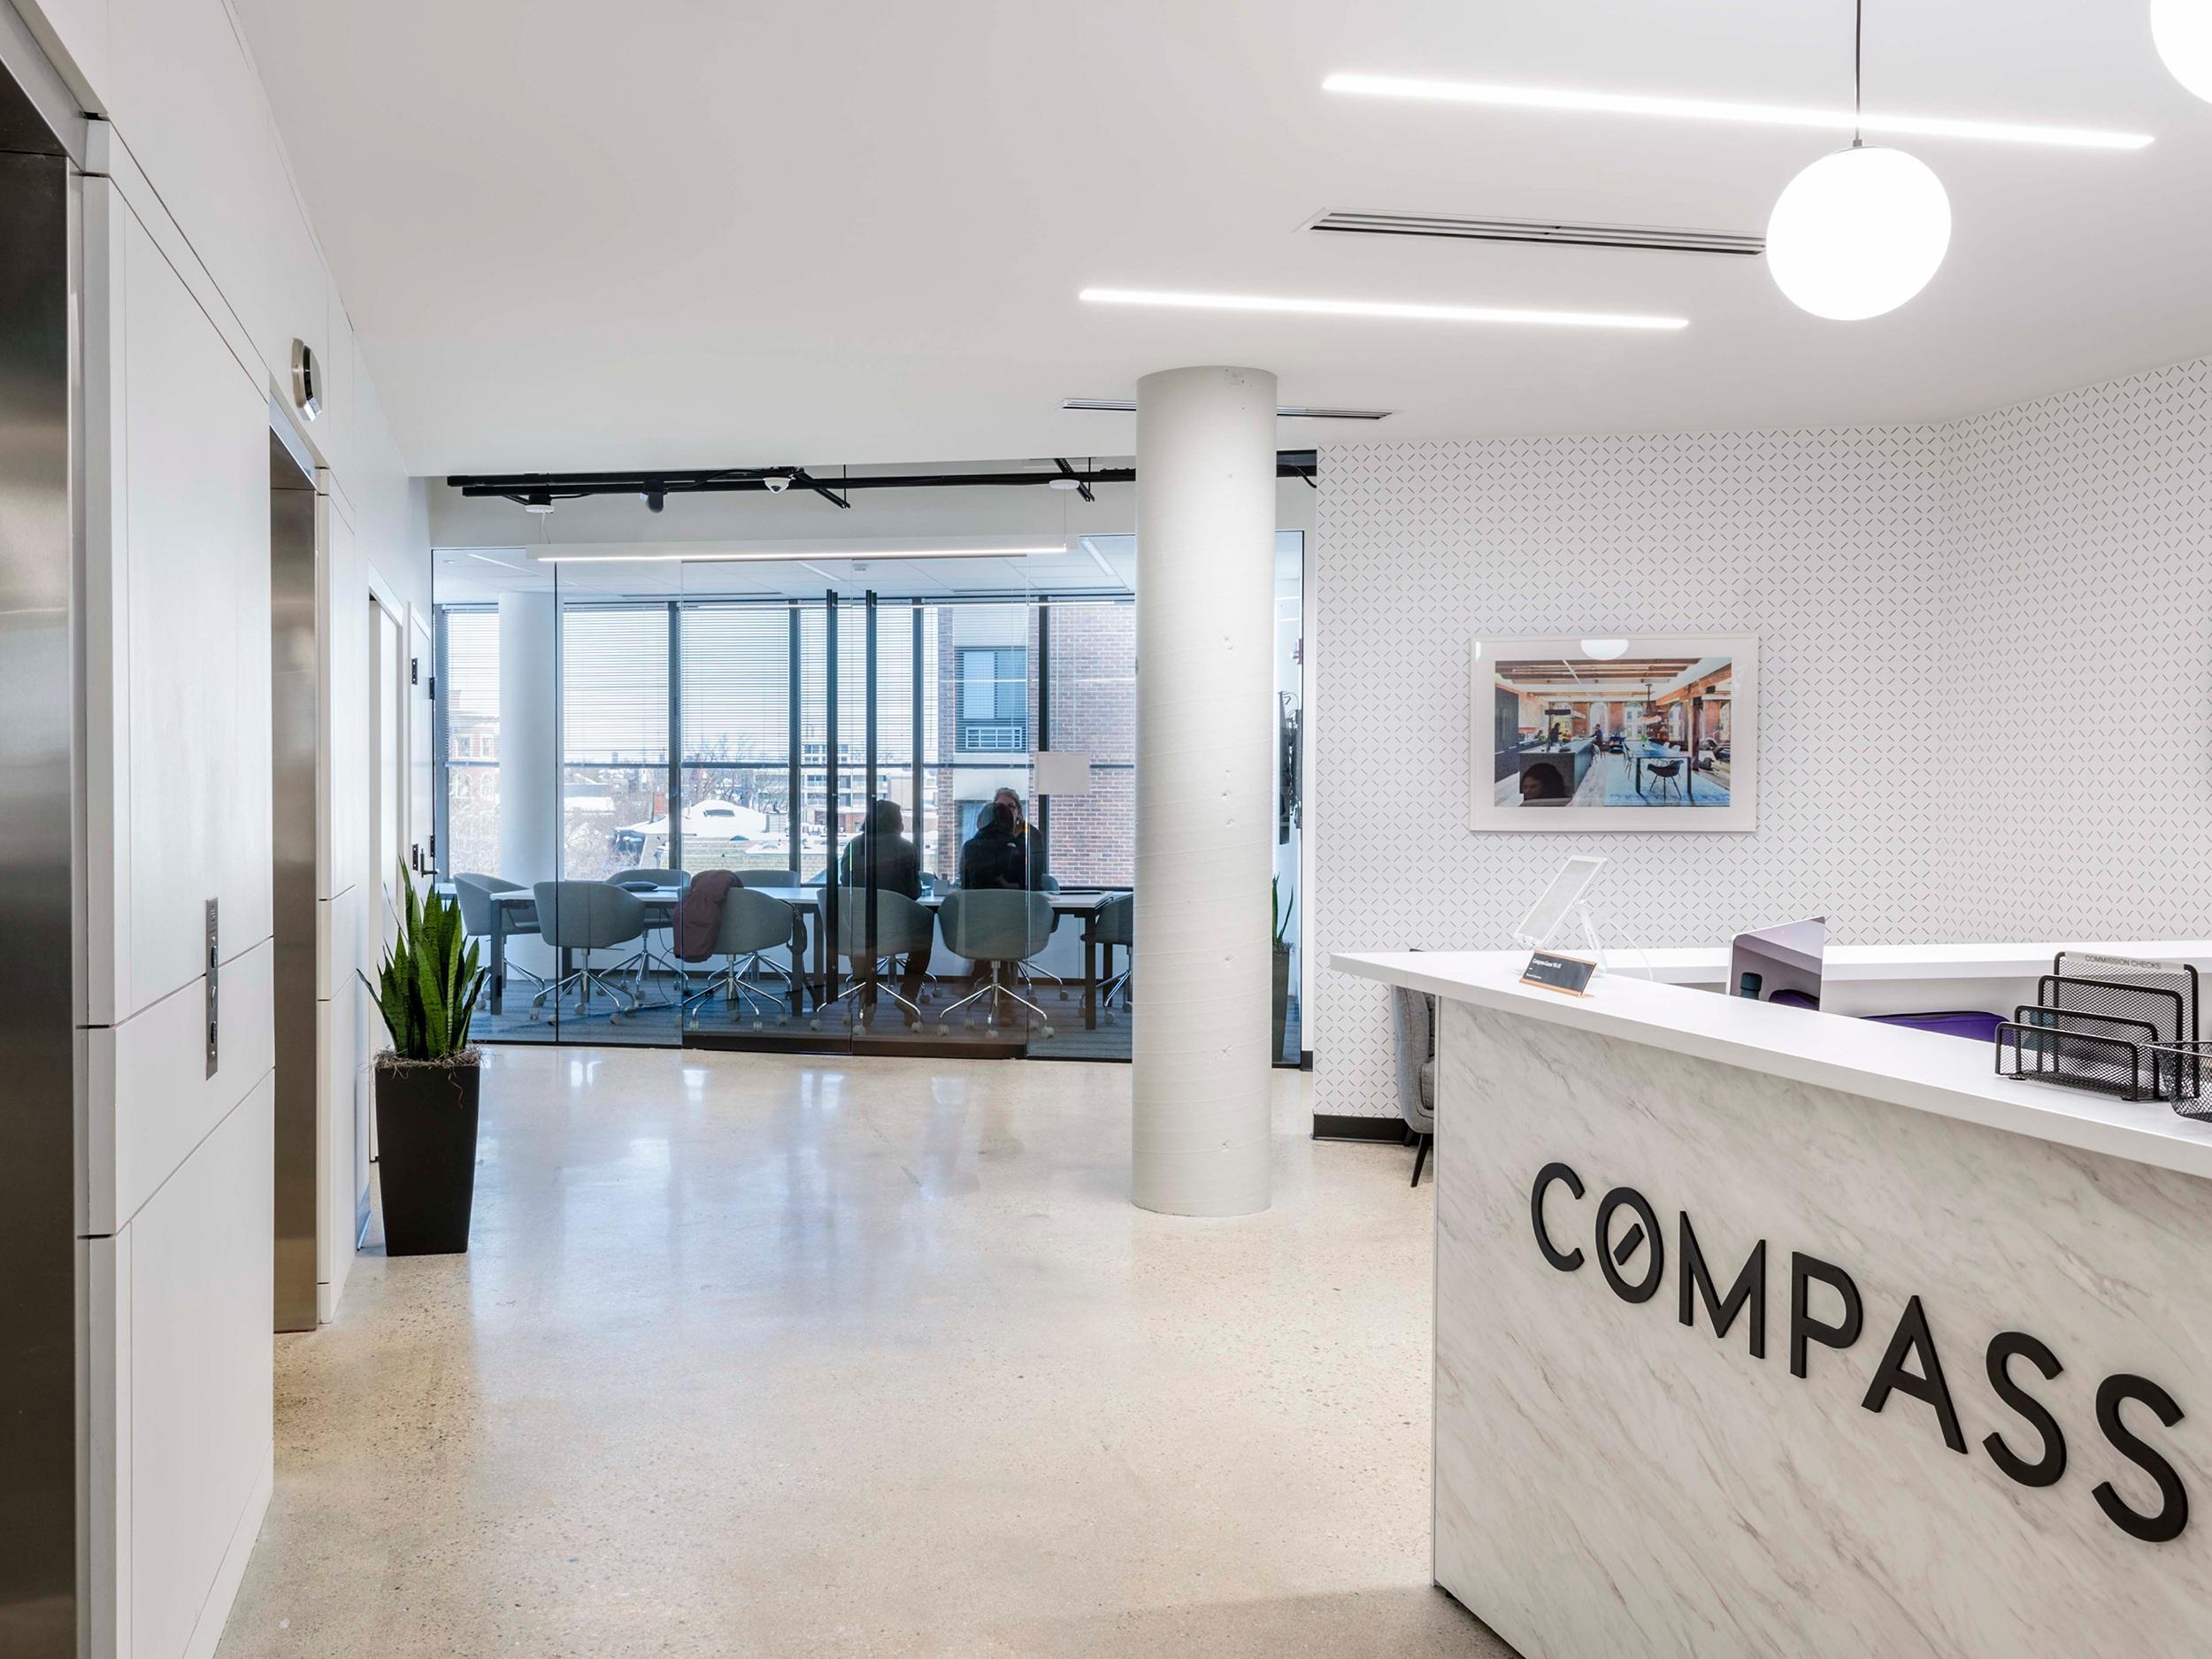 Compass - 1100 Mass Ave